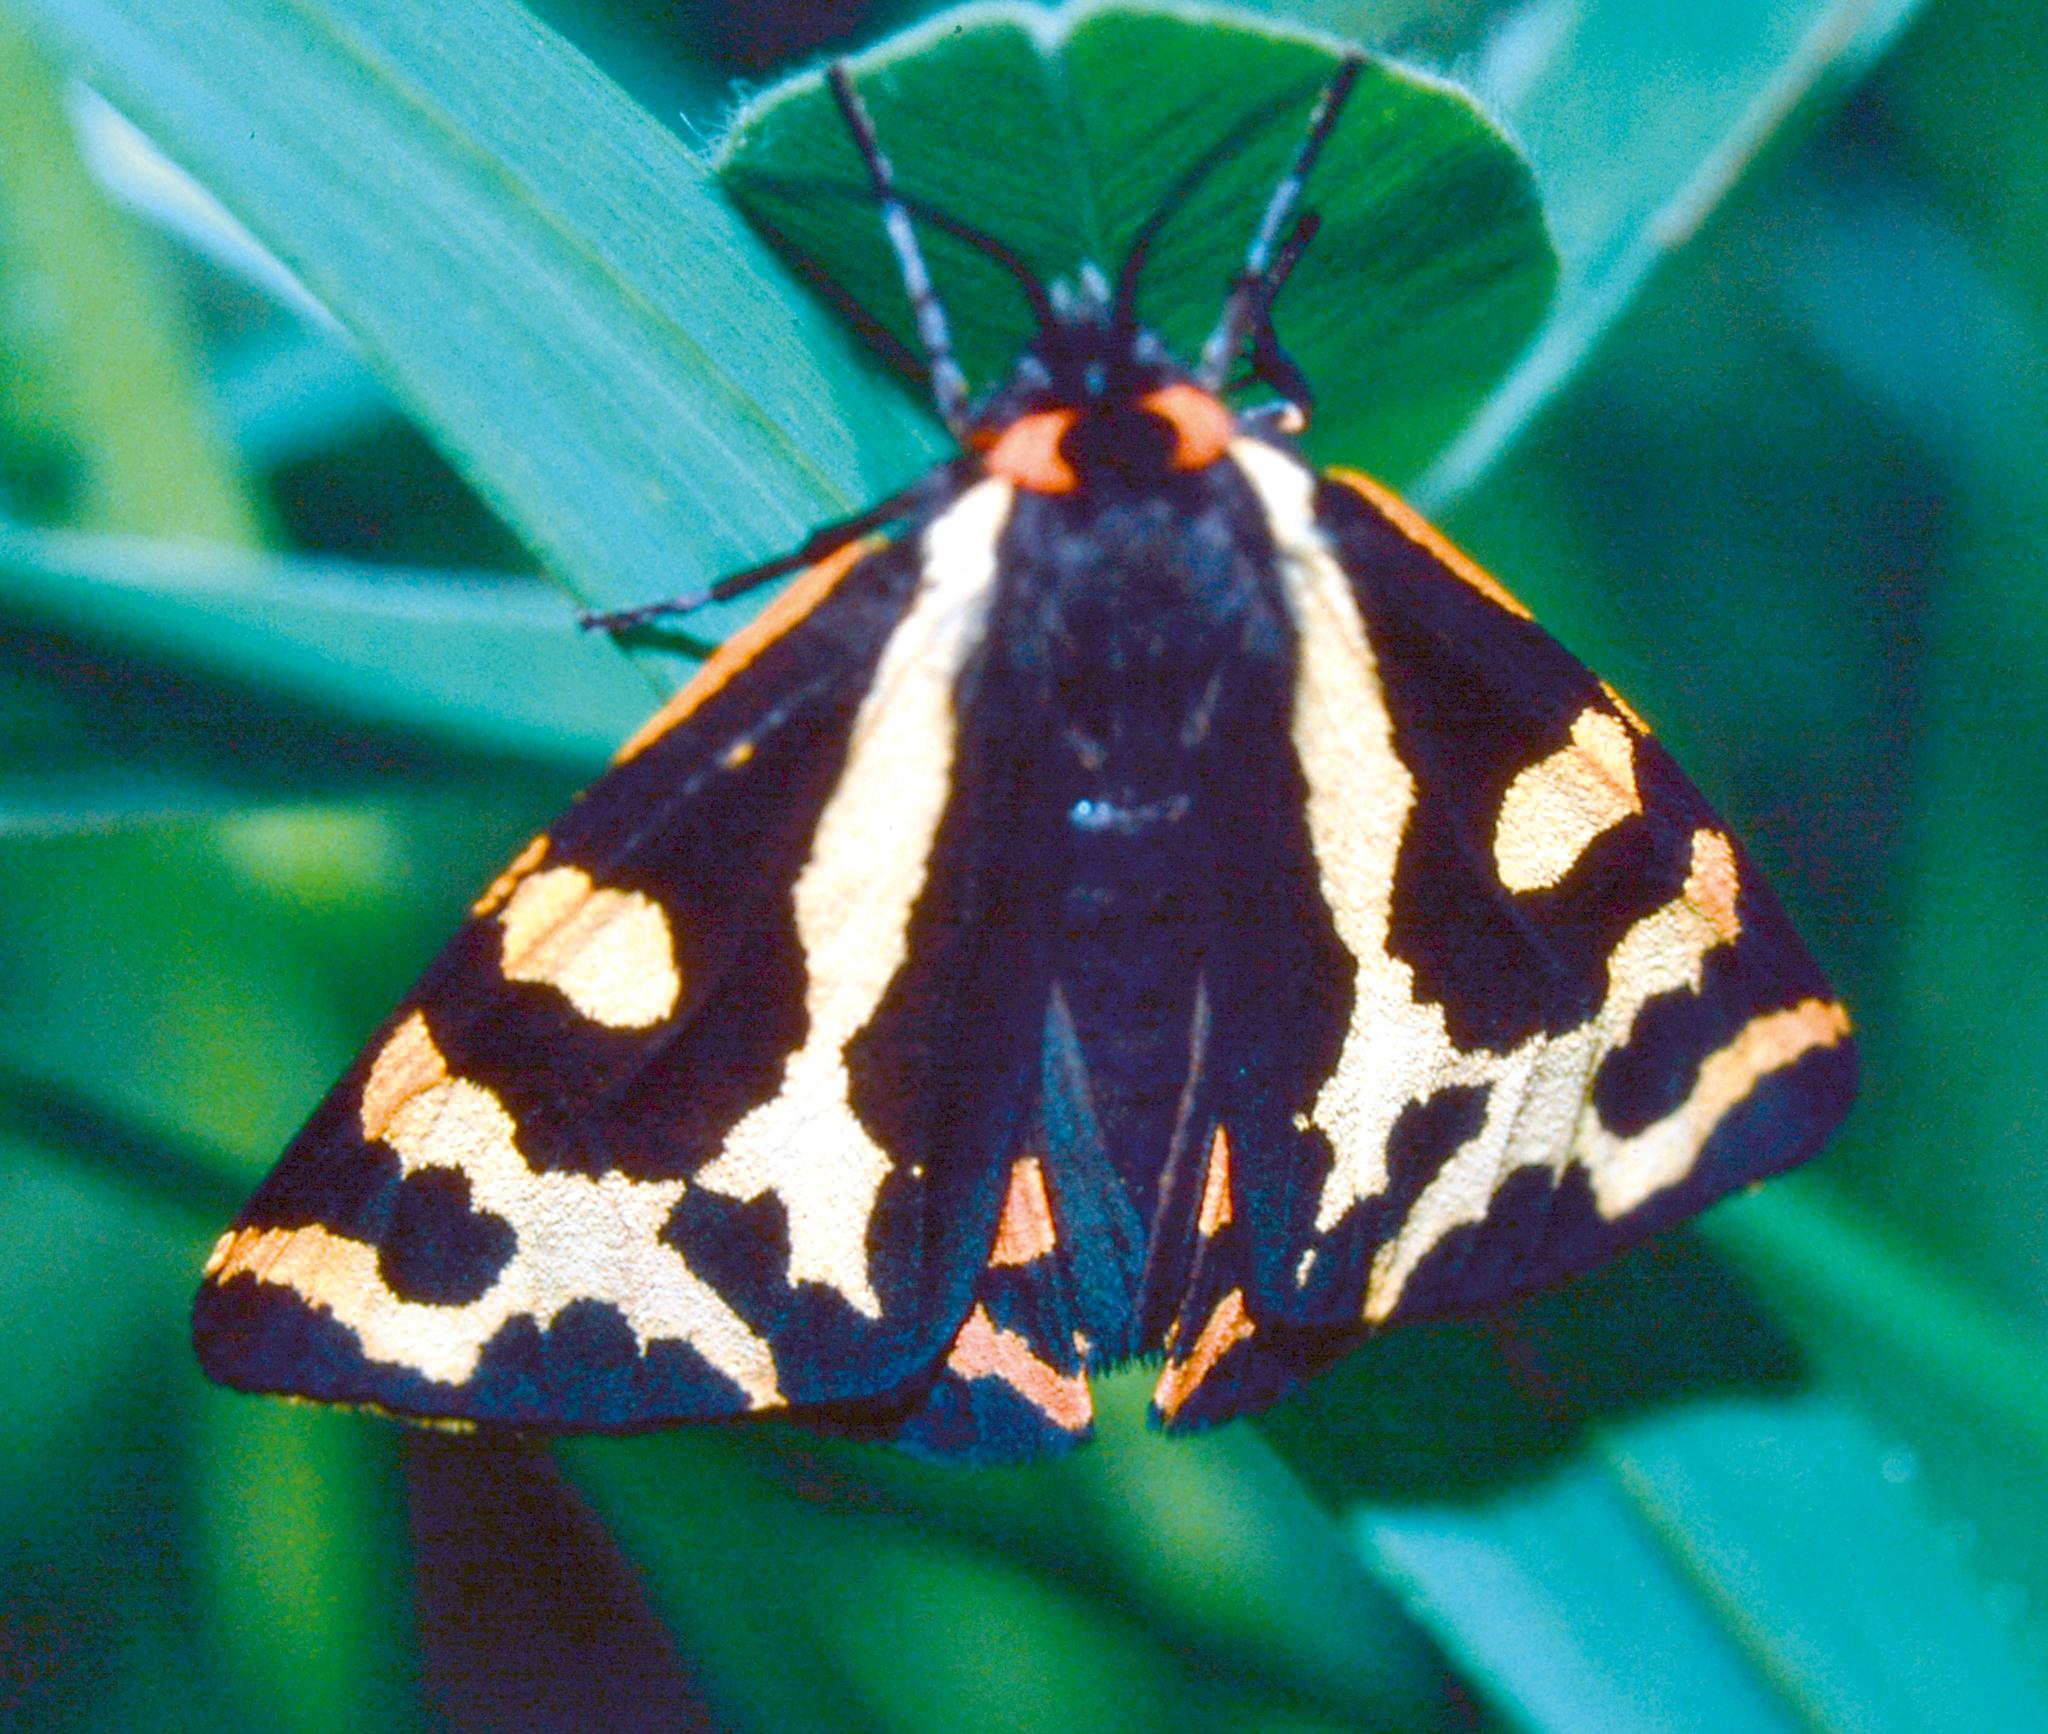 Wegerichbär (Parasemia plantaginis) am Hohen Landsberg. Männliche Tiere könne auch am Tag beobachtet werden. In Gebirgen sind sie noch häufig, in tieferen Lagen deutlich zurückgehend.